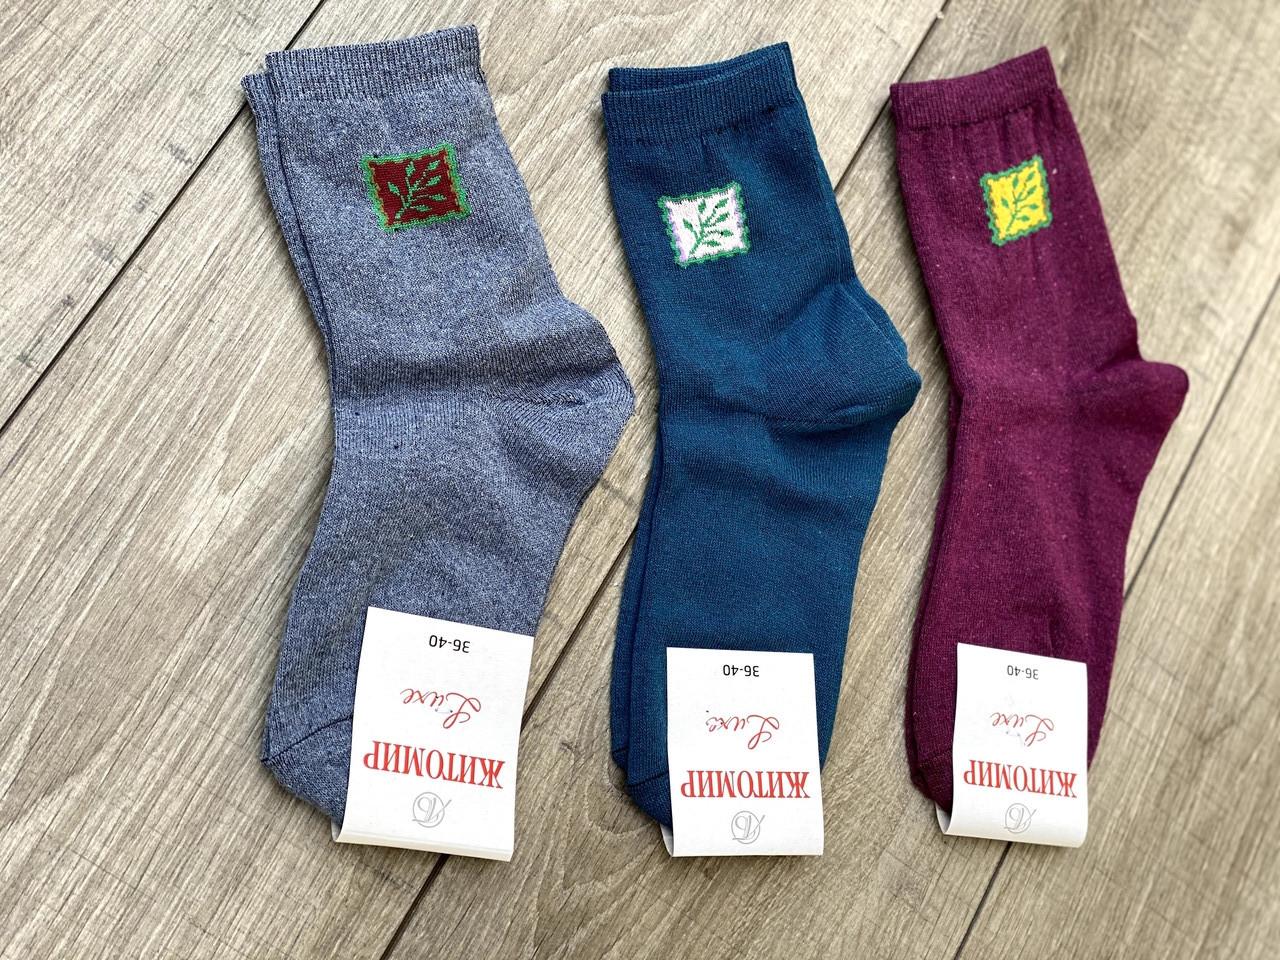 Женские носки средние носки стрейчевые Житомир Люкс с узором ветвь дерева 36-40 12 шт в уп темное ассорти